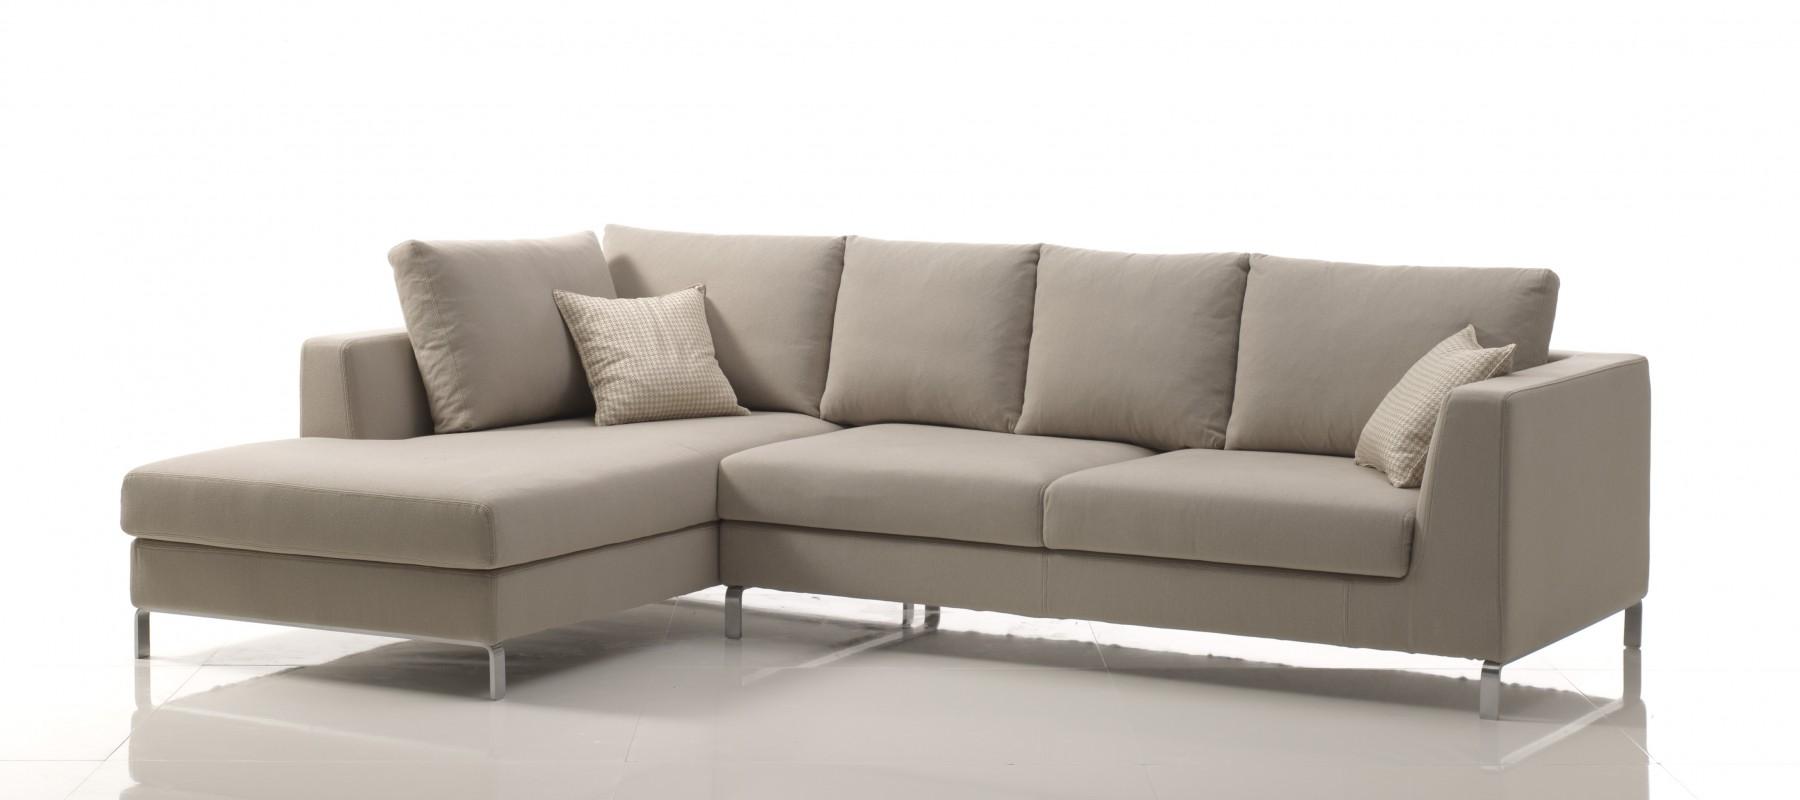 Poltronificio CS | Produzione e vendita poltrone e divani su misura ...